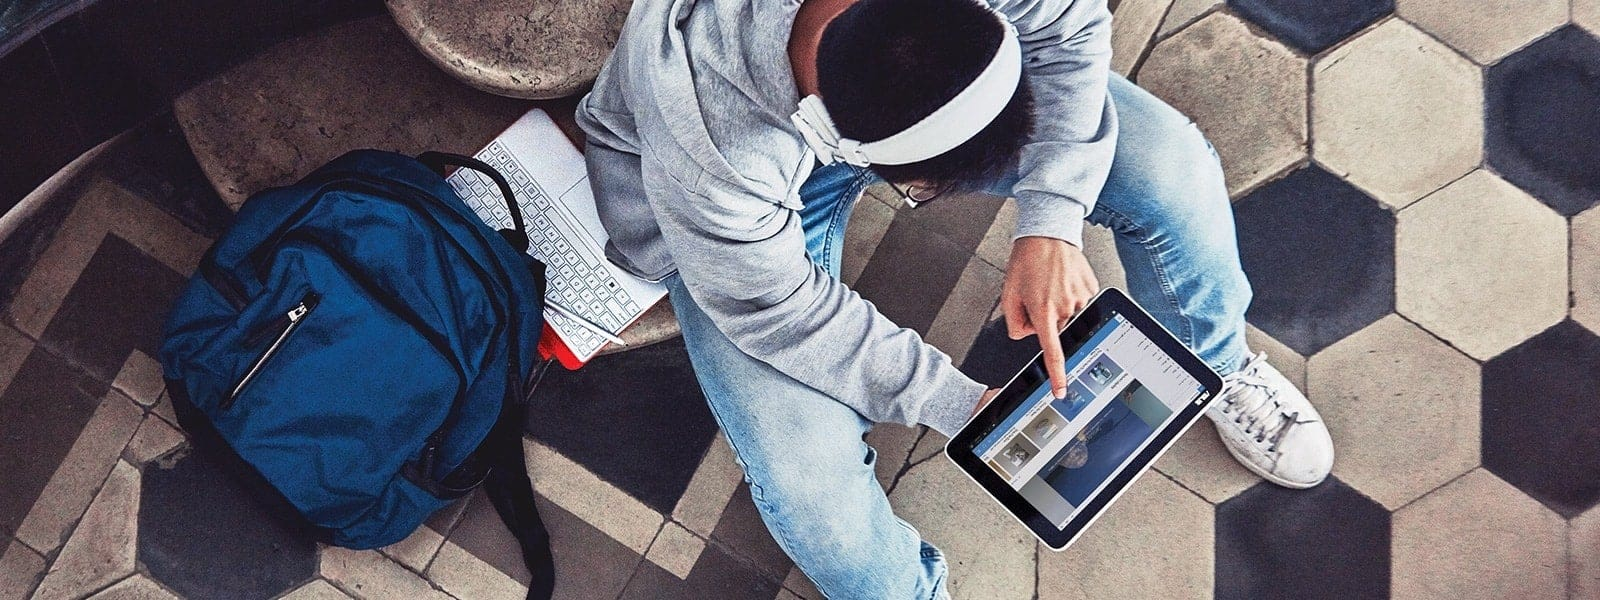 Student kijkt naar Windows 10-apparaat